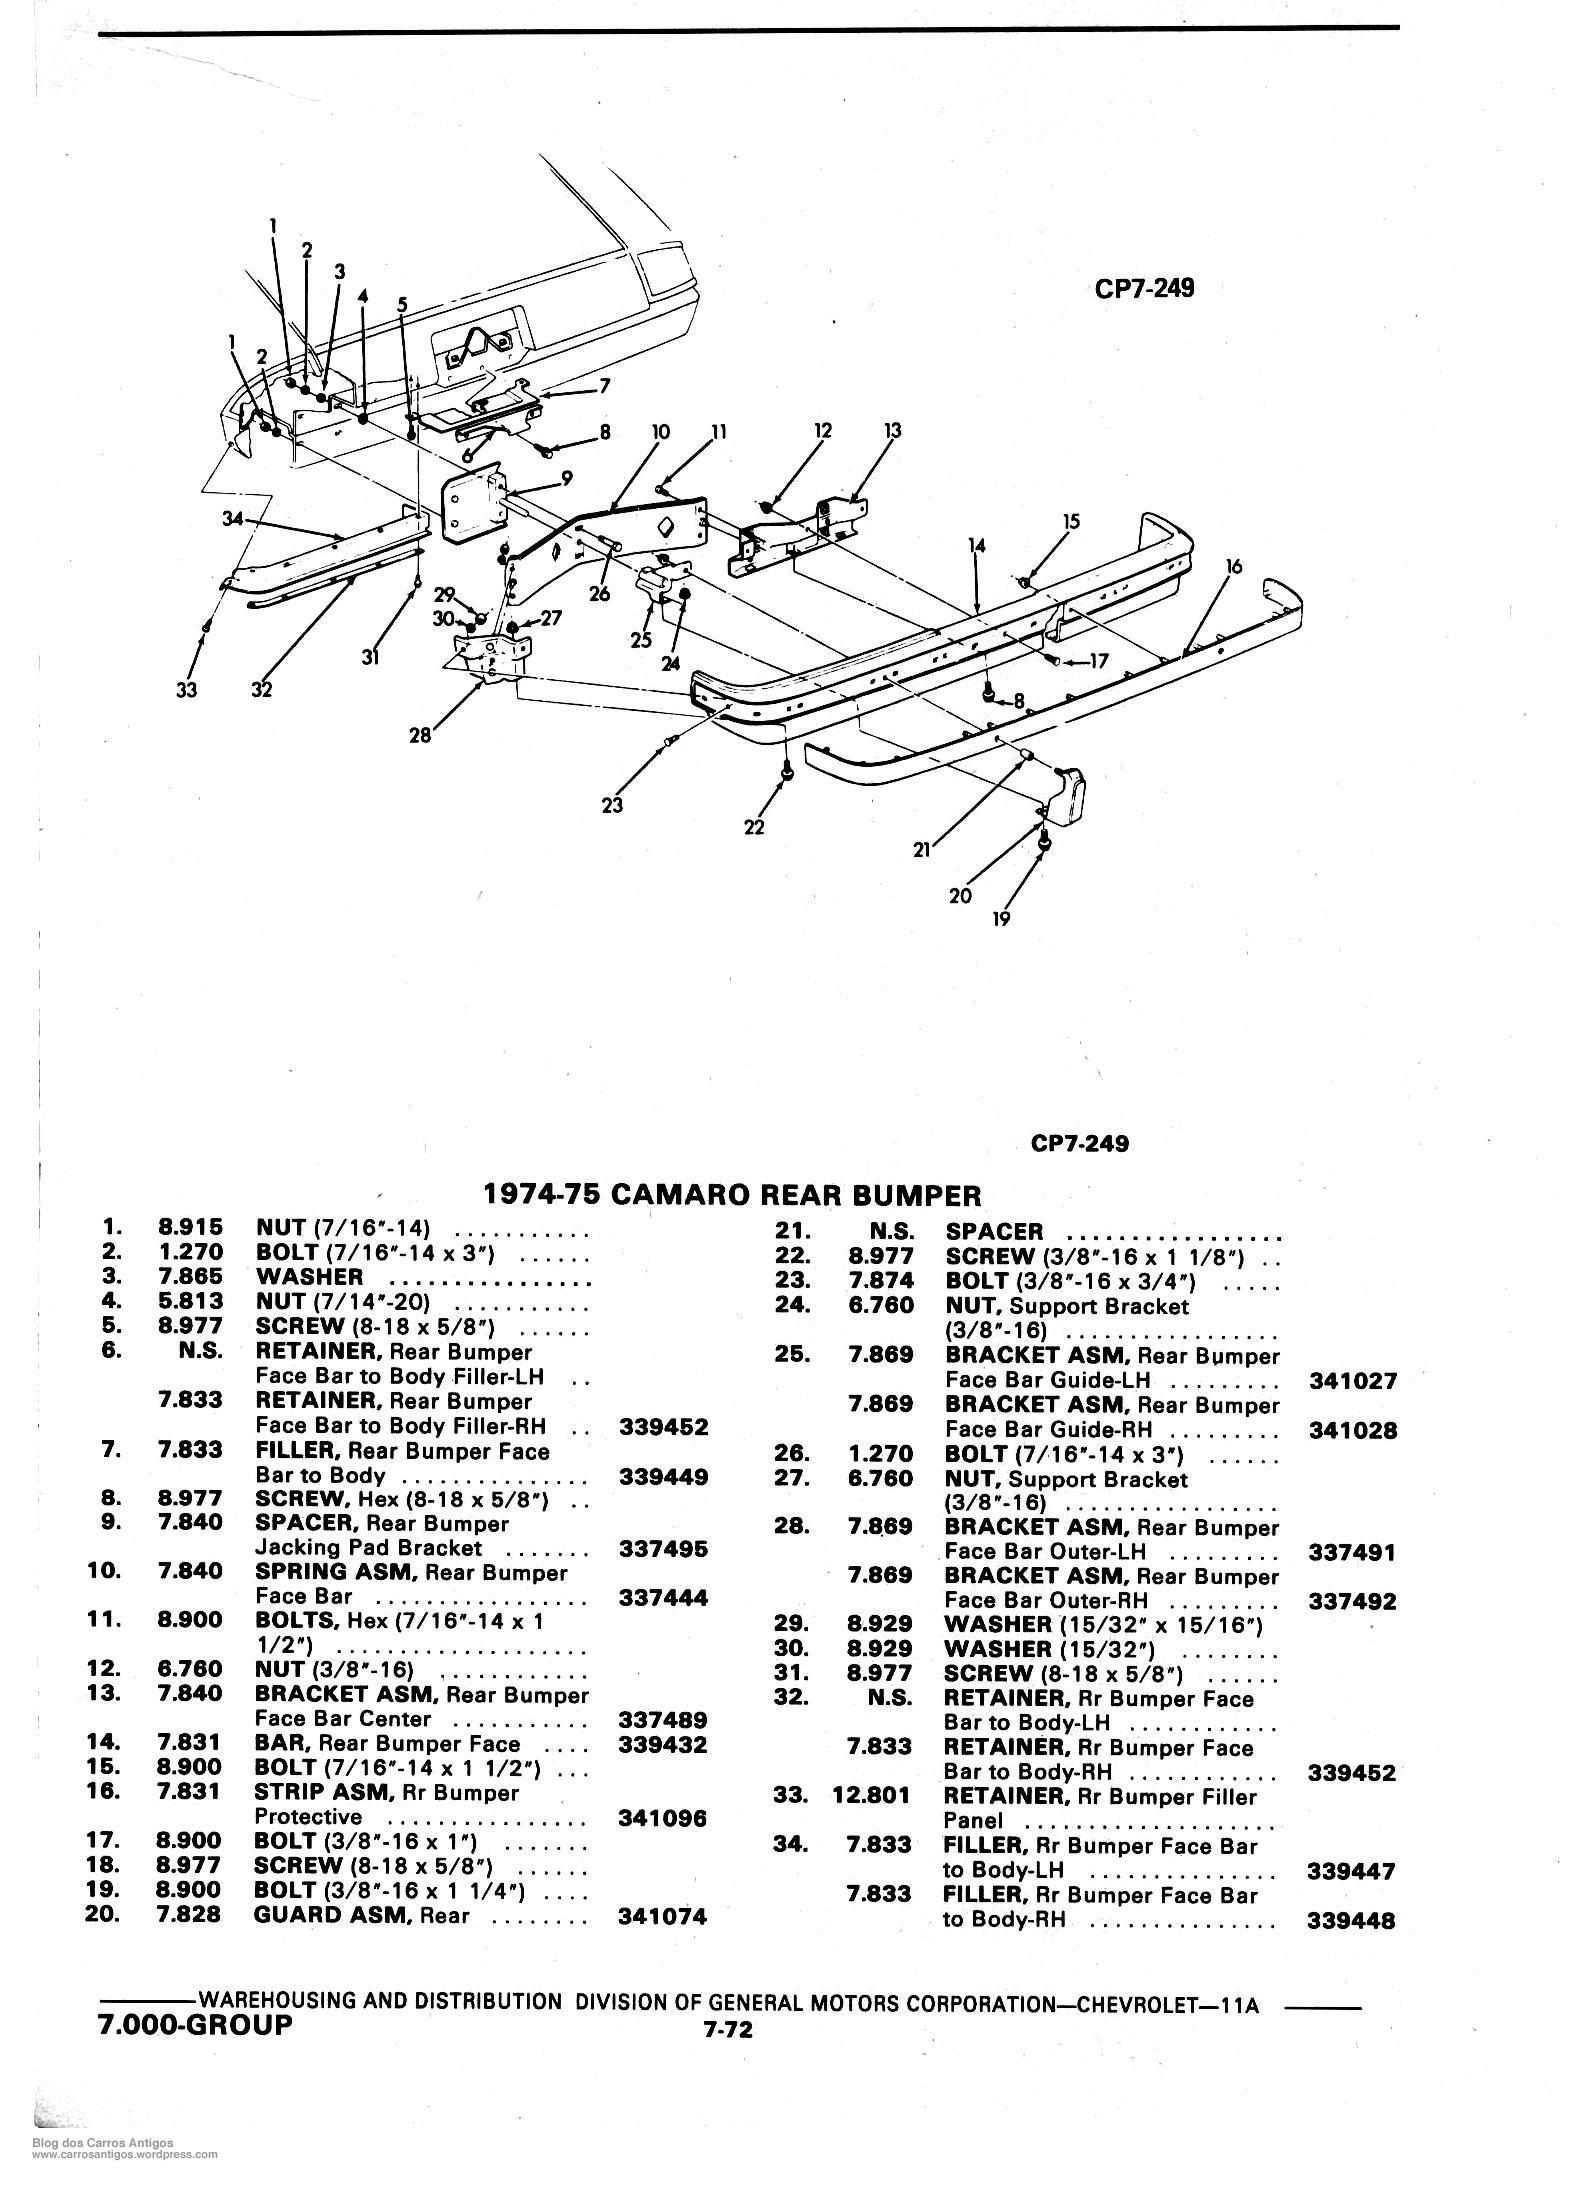 74_camaro_parts_manual_199